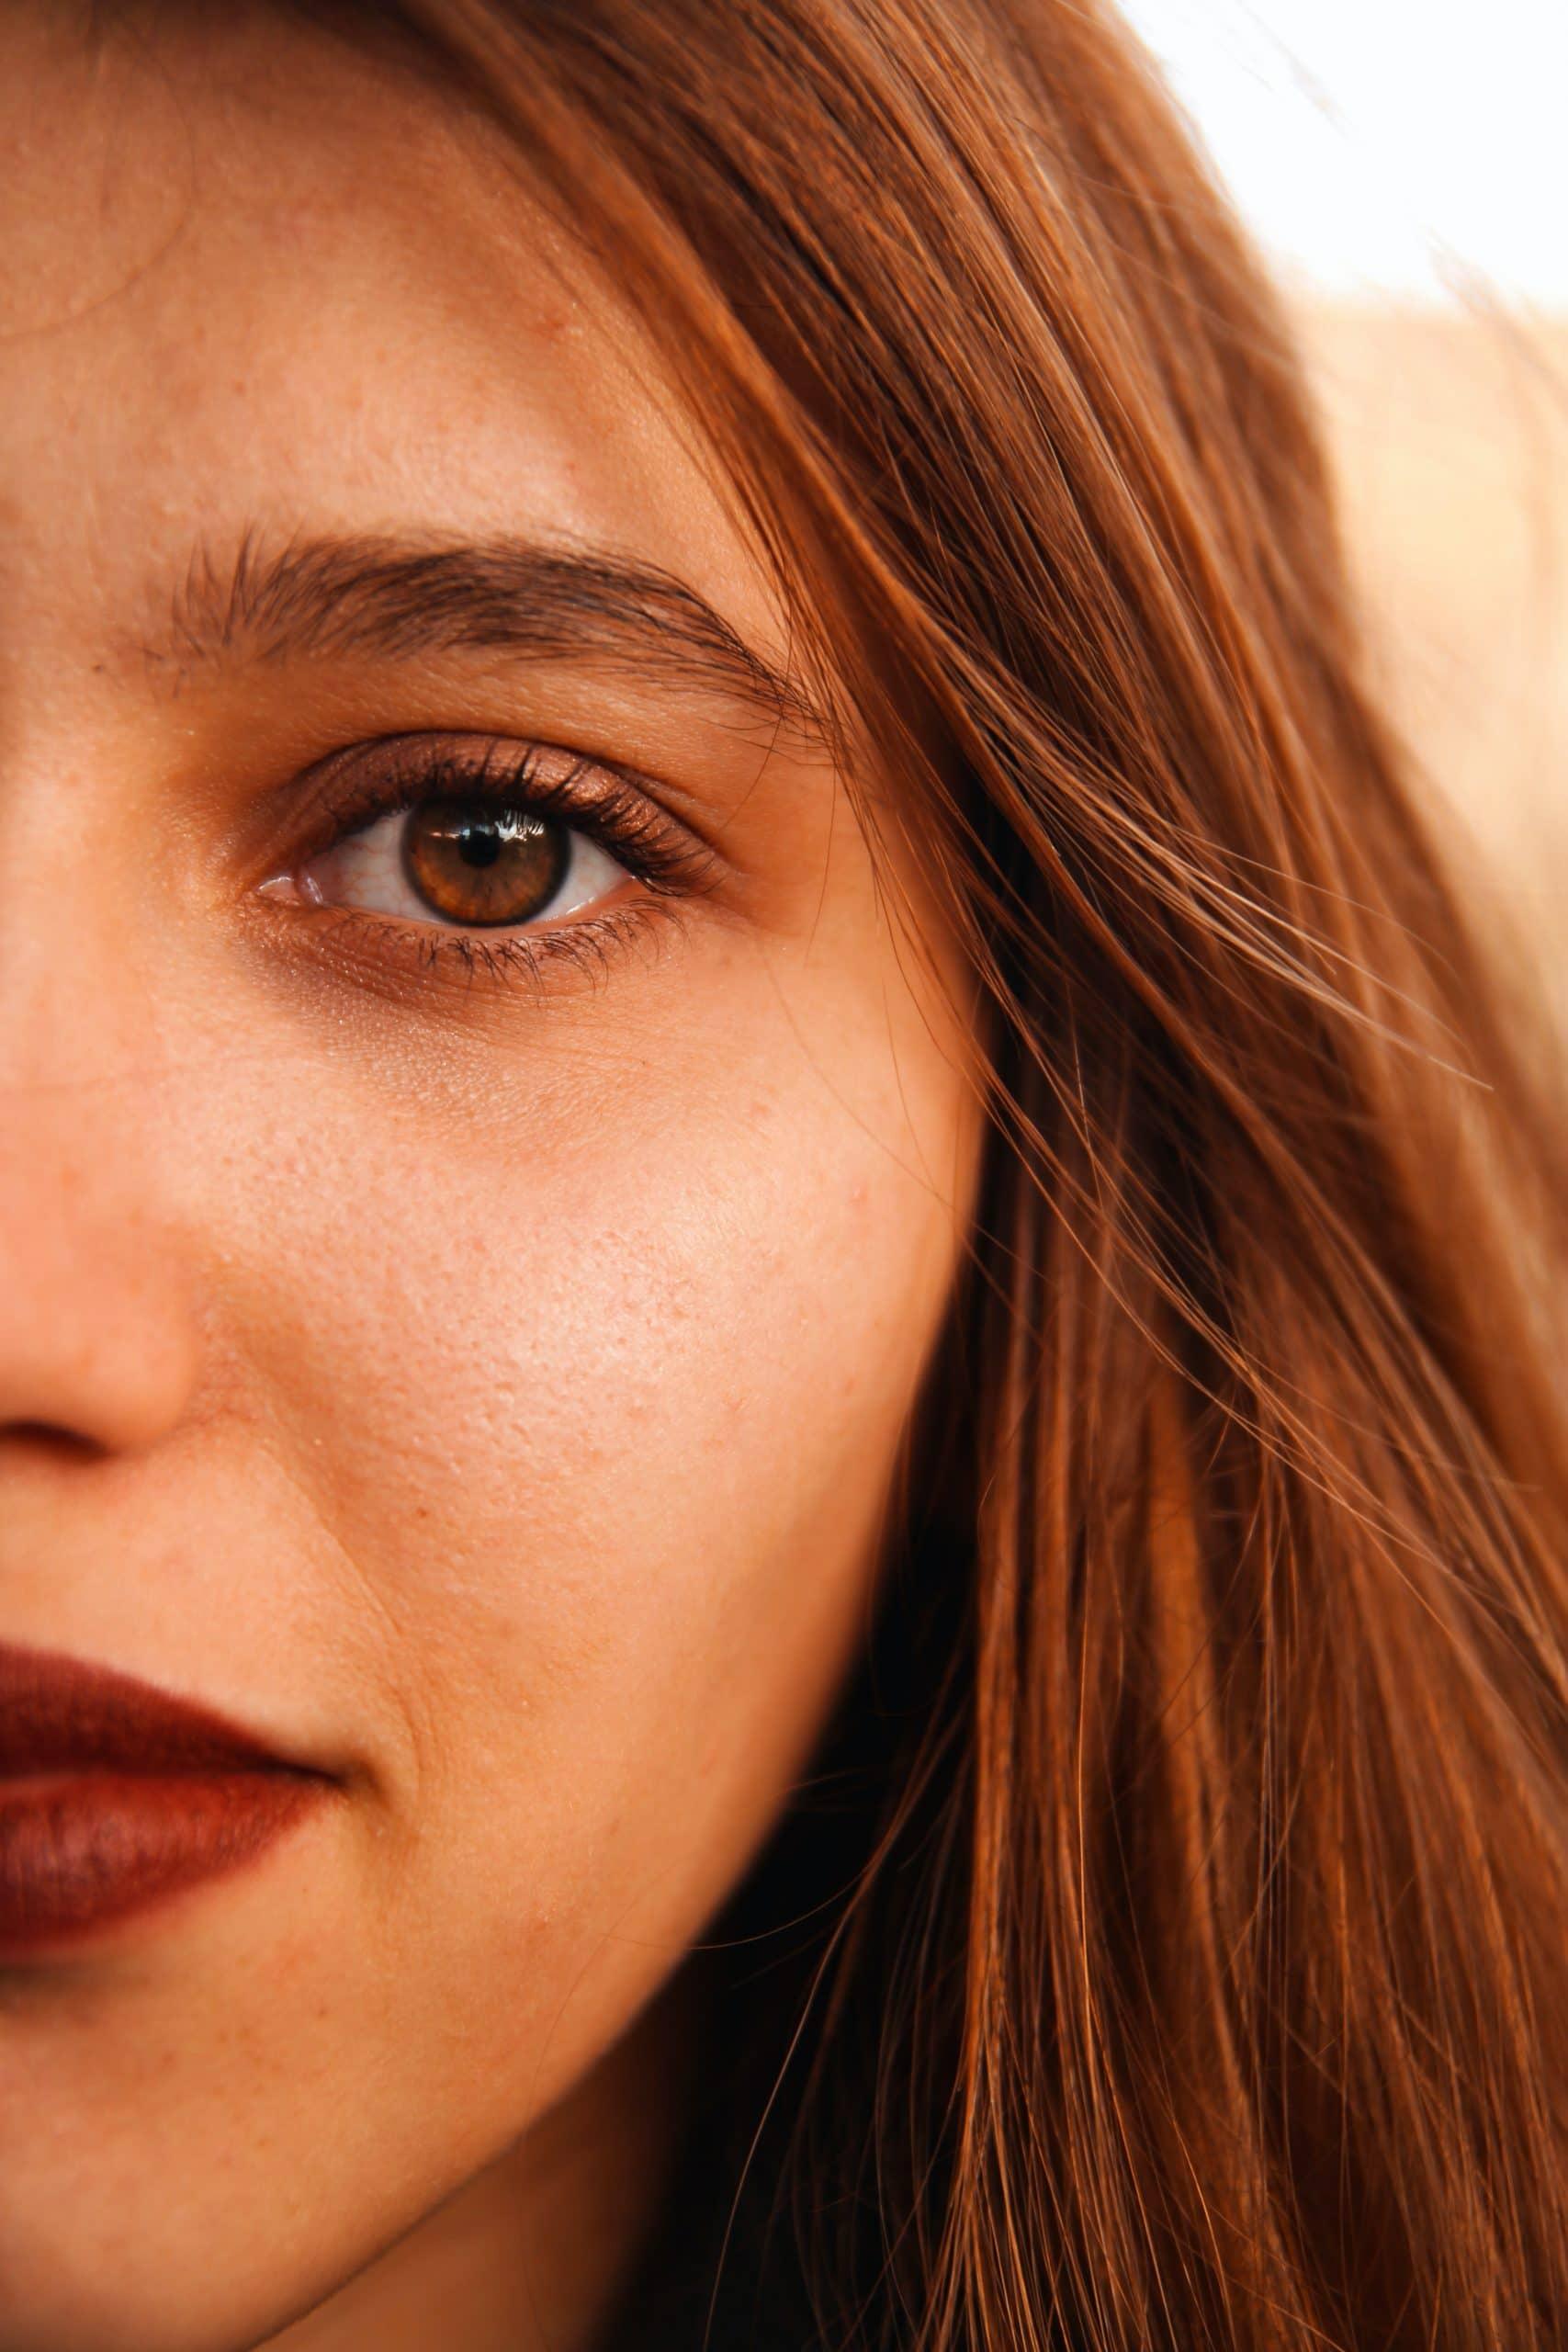 ragazza con pelle perfetta